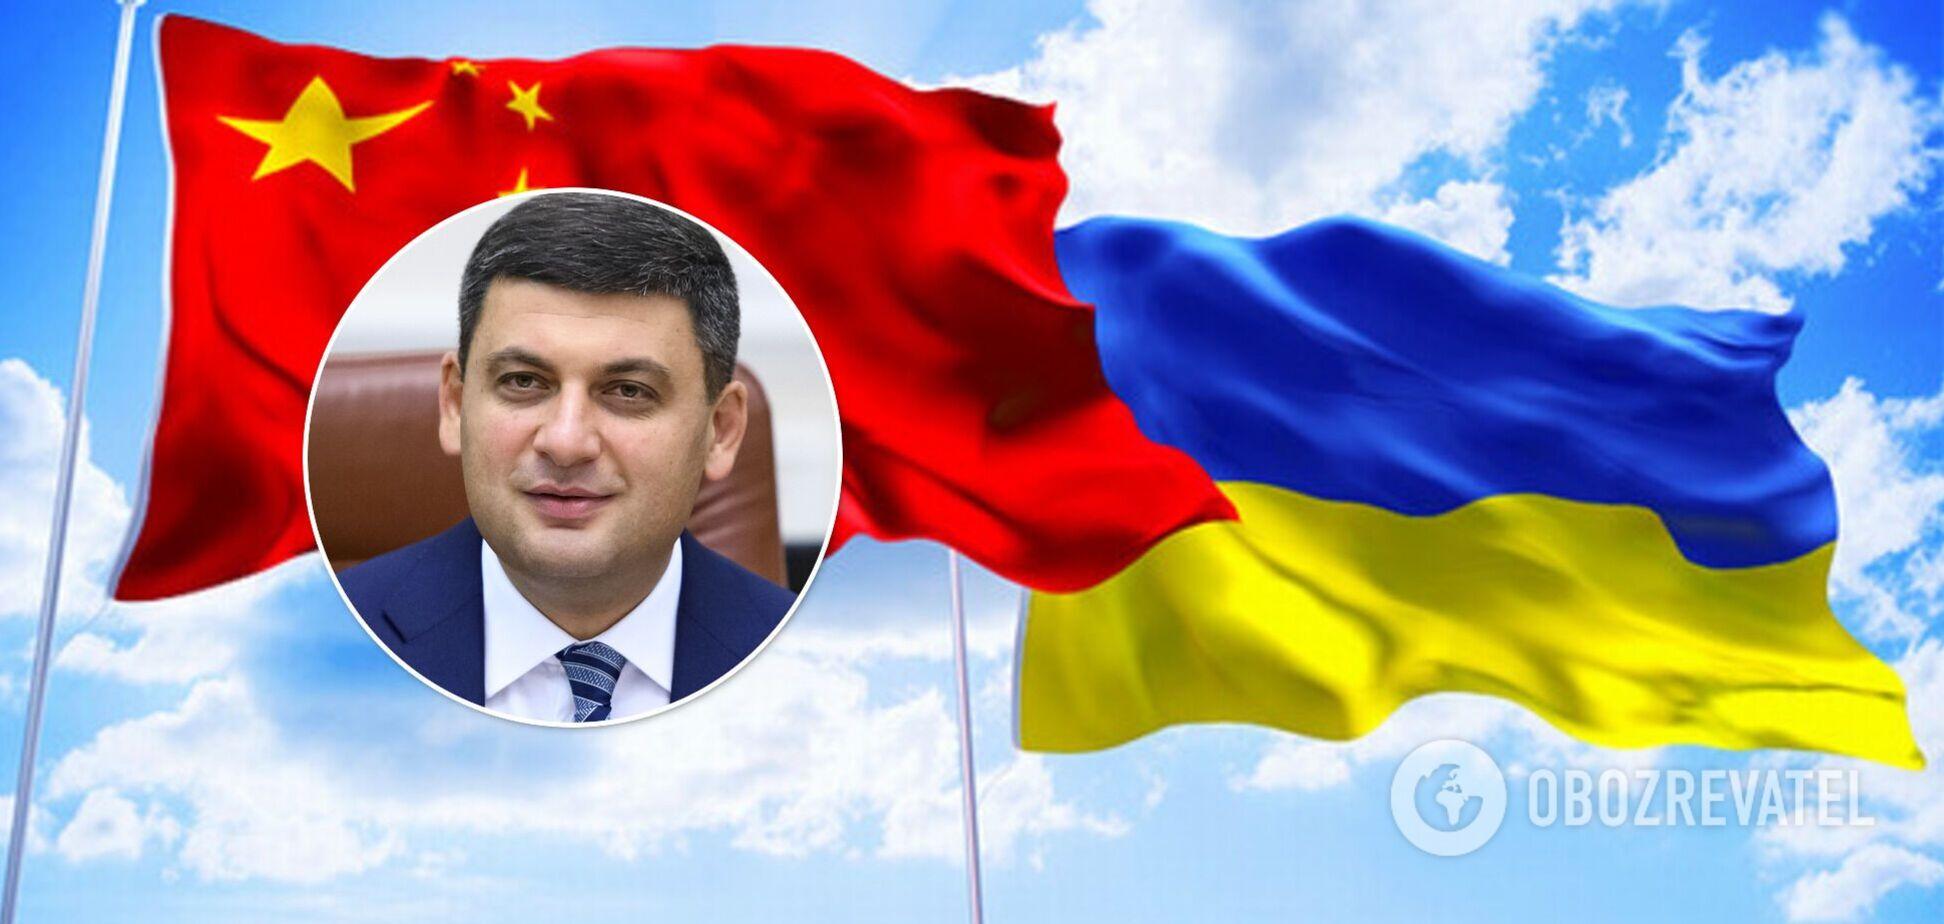 Стратегического сотрудничества Украины с Китаем быть не может, у нас не совпадают интересы, – Гройсман